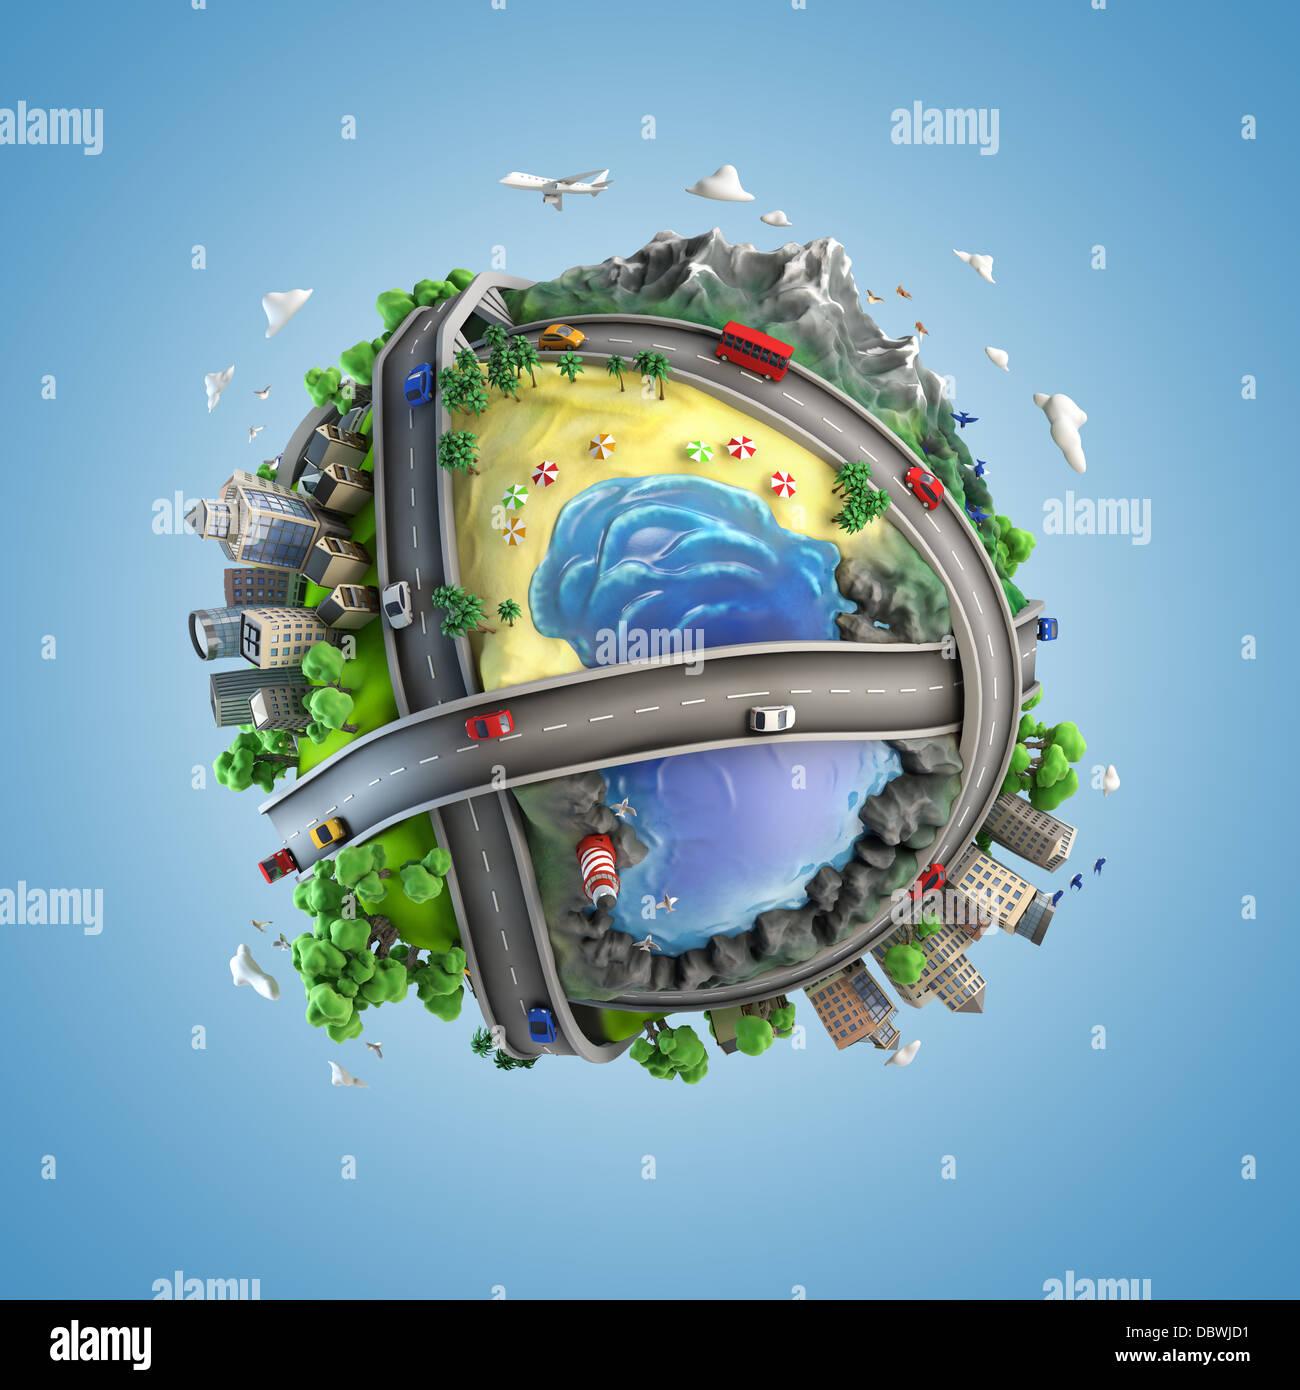 Concepto mundo mostrando la diversidad y transporte en el mundo, en un estilo de dibujos animados Imagen De Stock